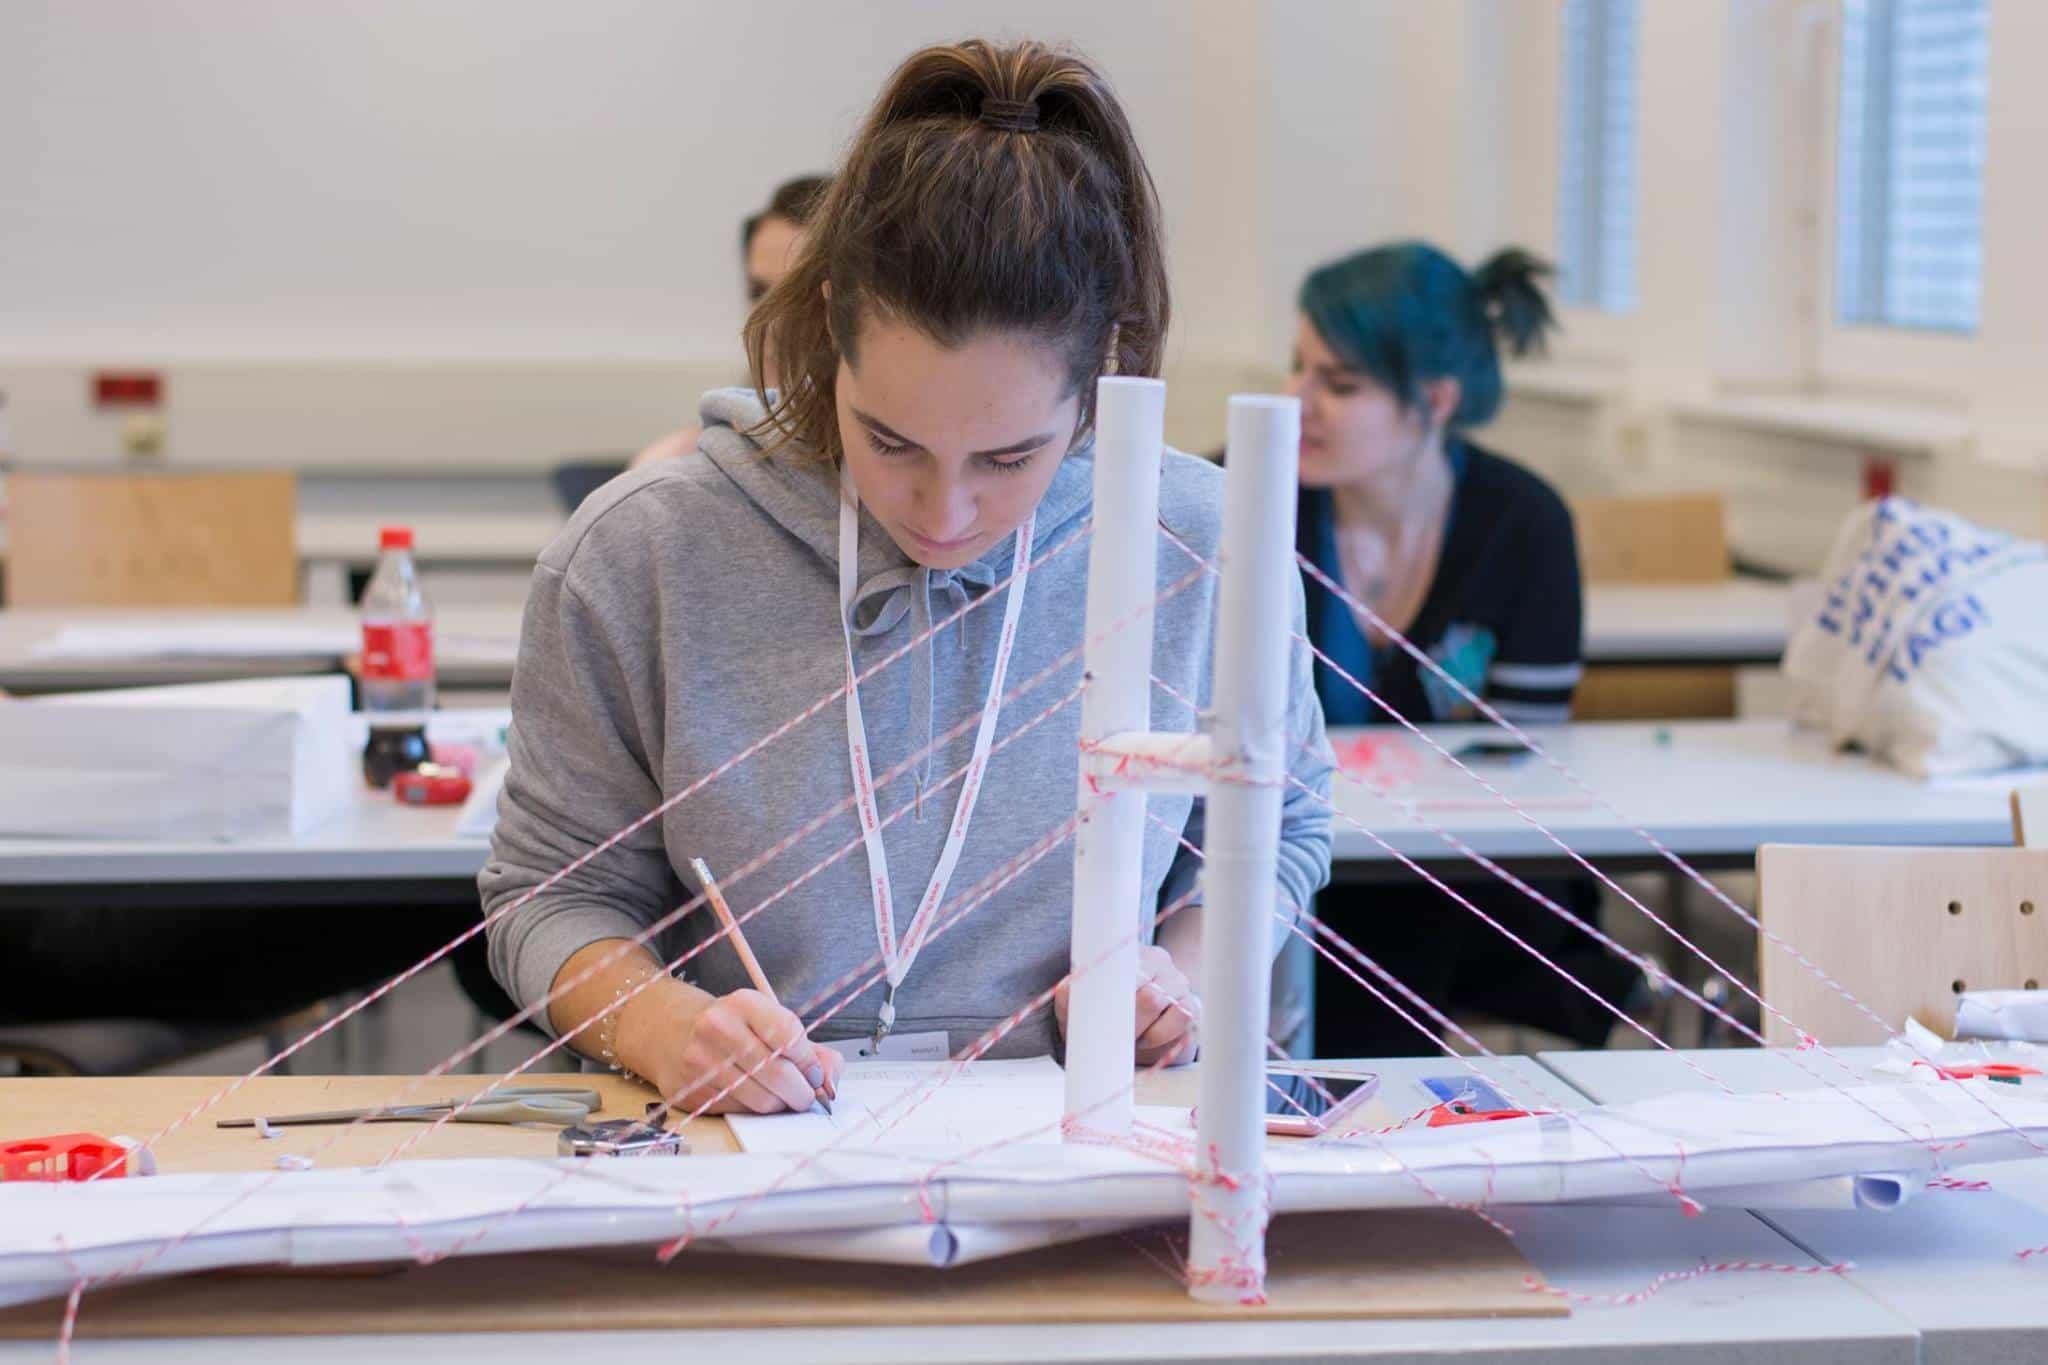 Die Schülerinnen und Schüler bei FUNTech 2017 bauten verschiedene Brückentypen aus Papier und testeten ihre Standhaftigkeit. (© FH JOANNEUM / Felix, Joachim)